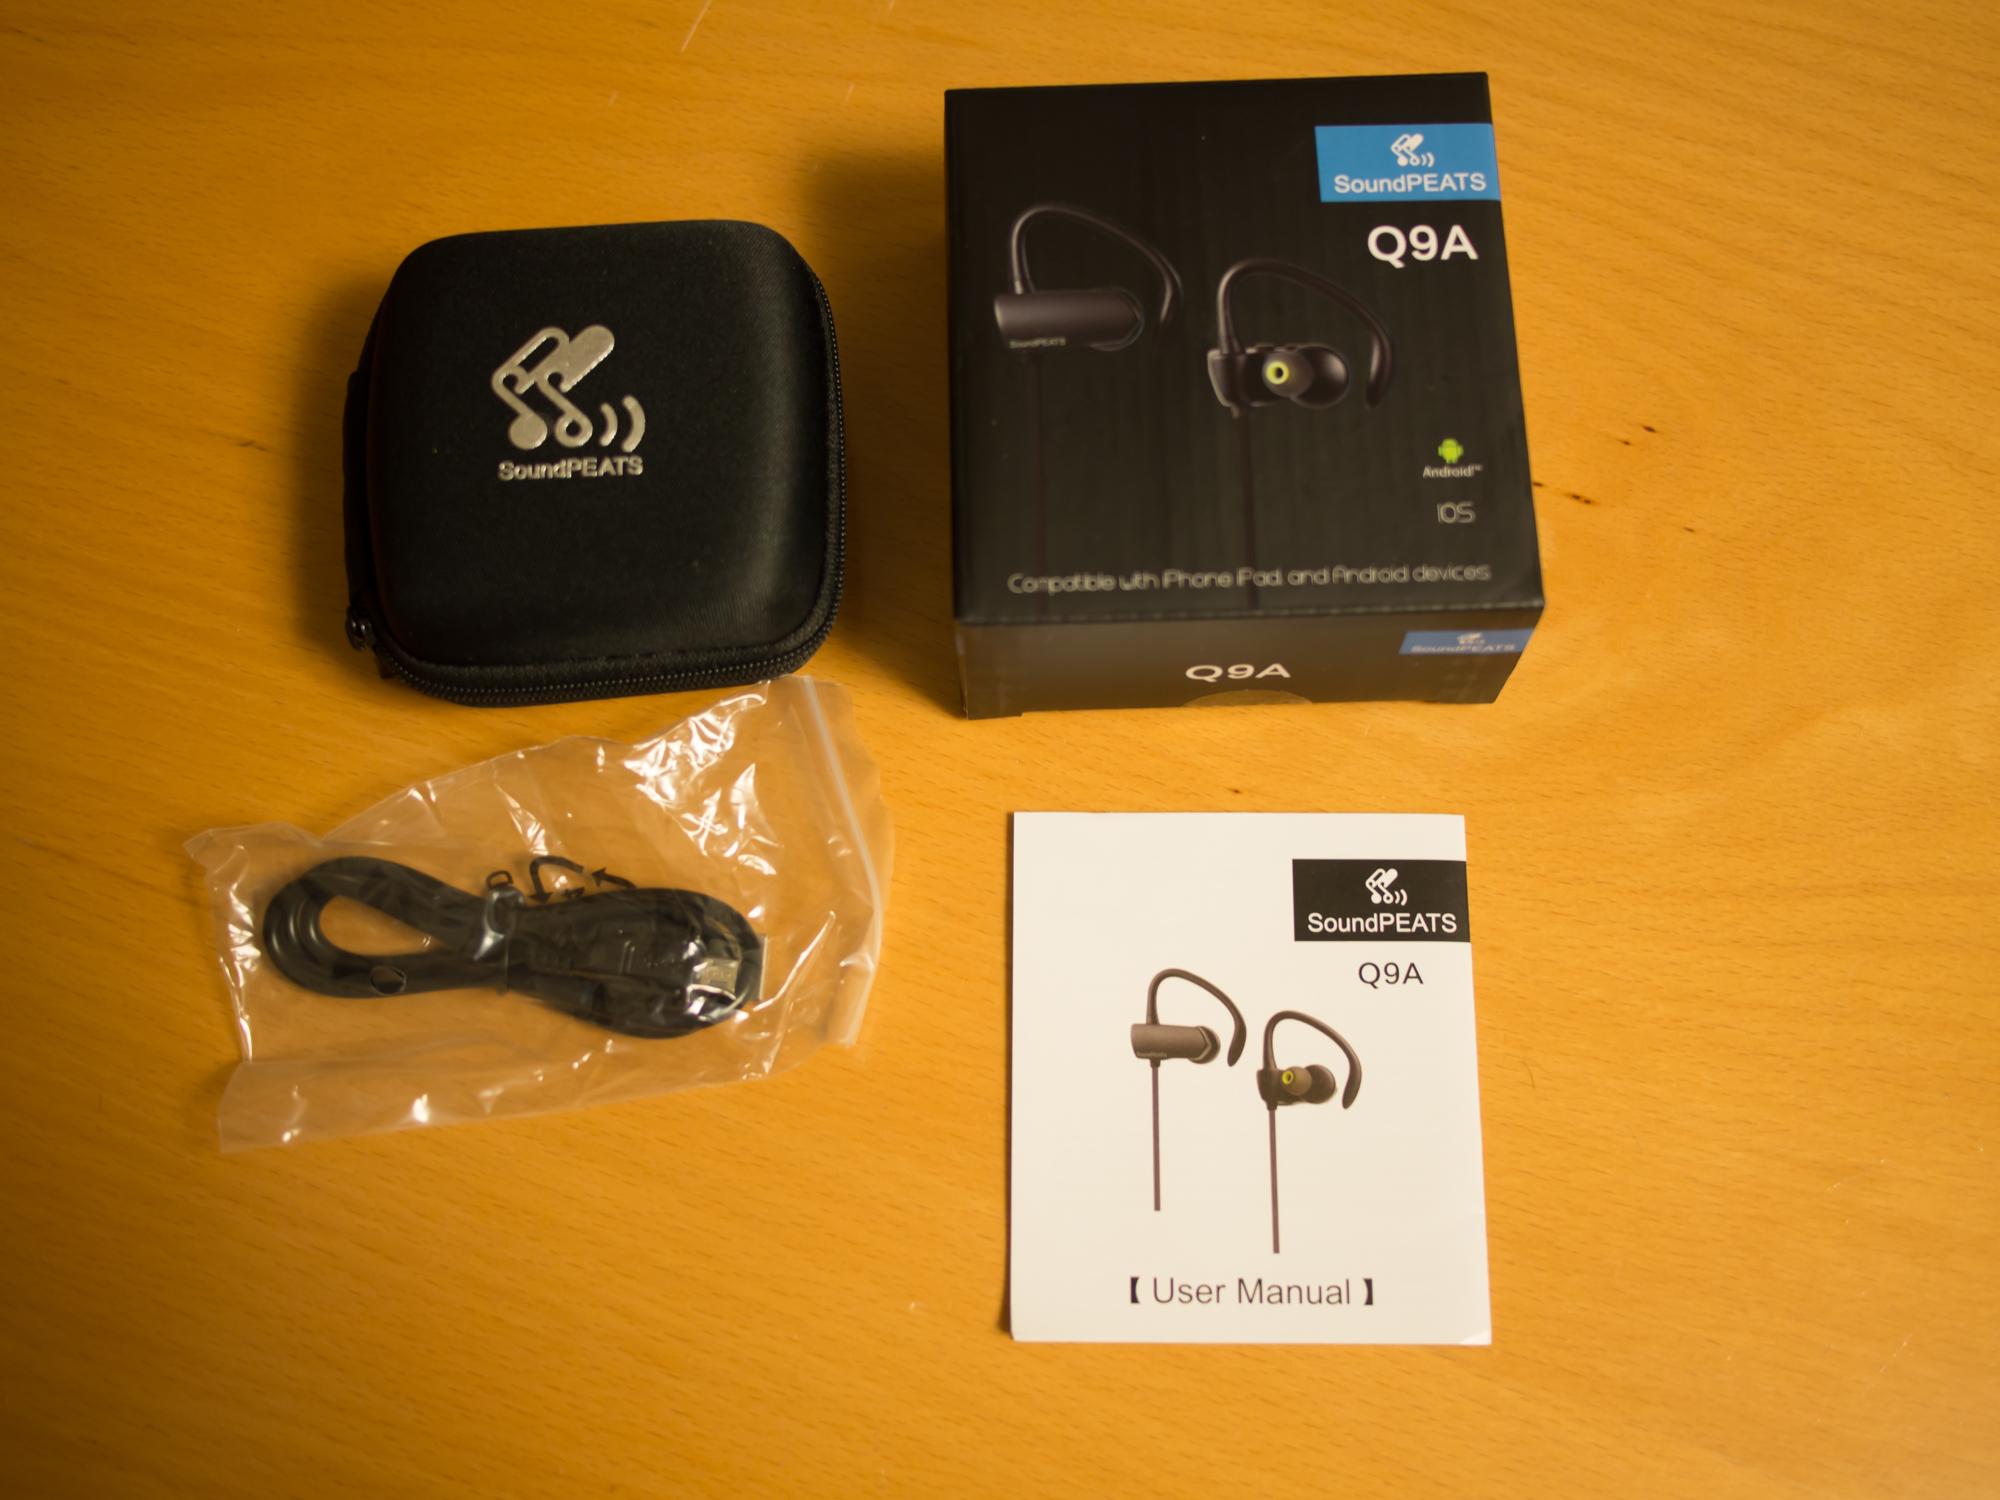 SountPEATS Bluetoothイヤホン Q9A 同梱物